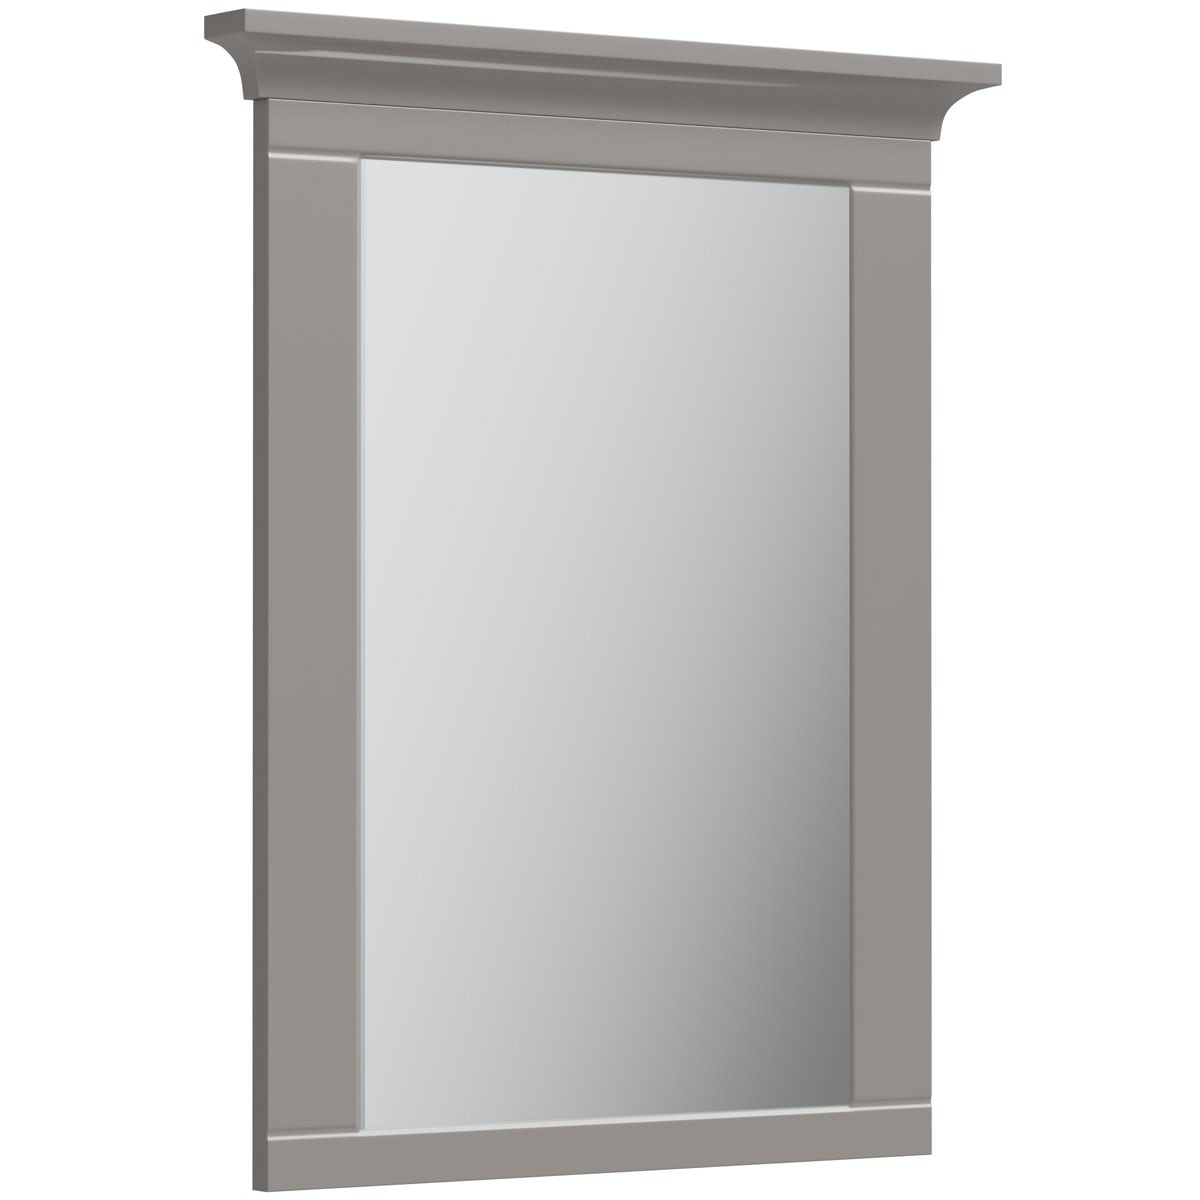 The Bath Co. Winchester graphite mirror